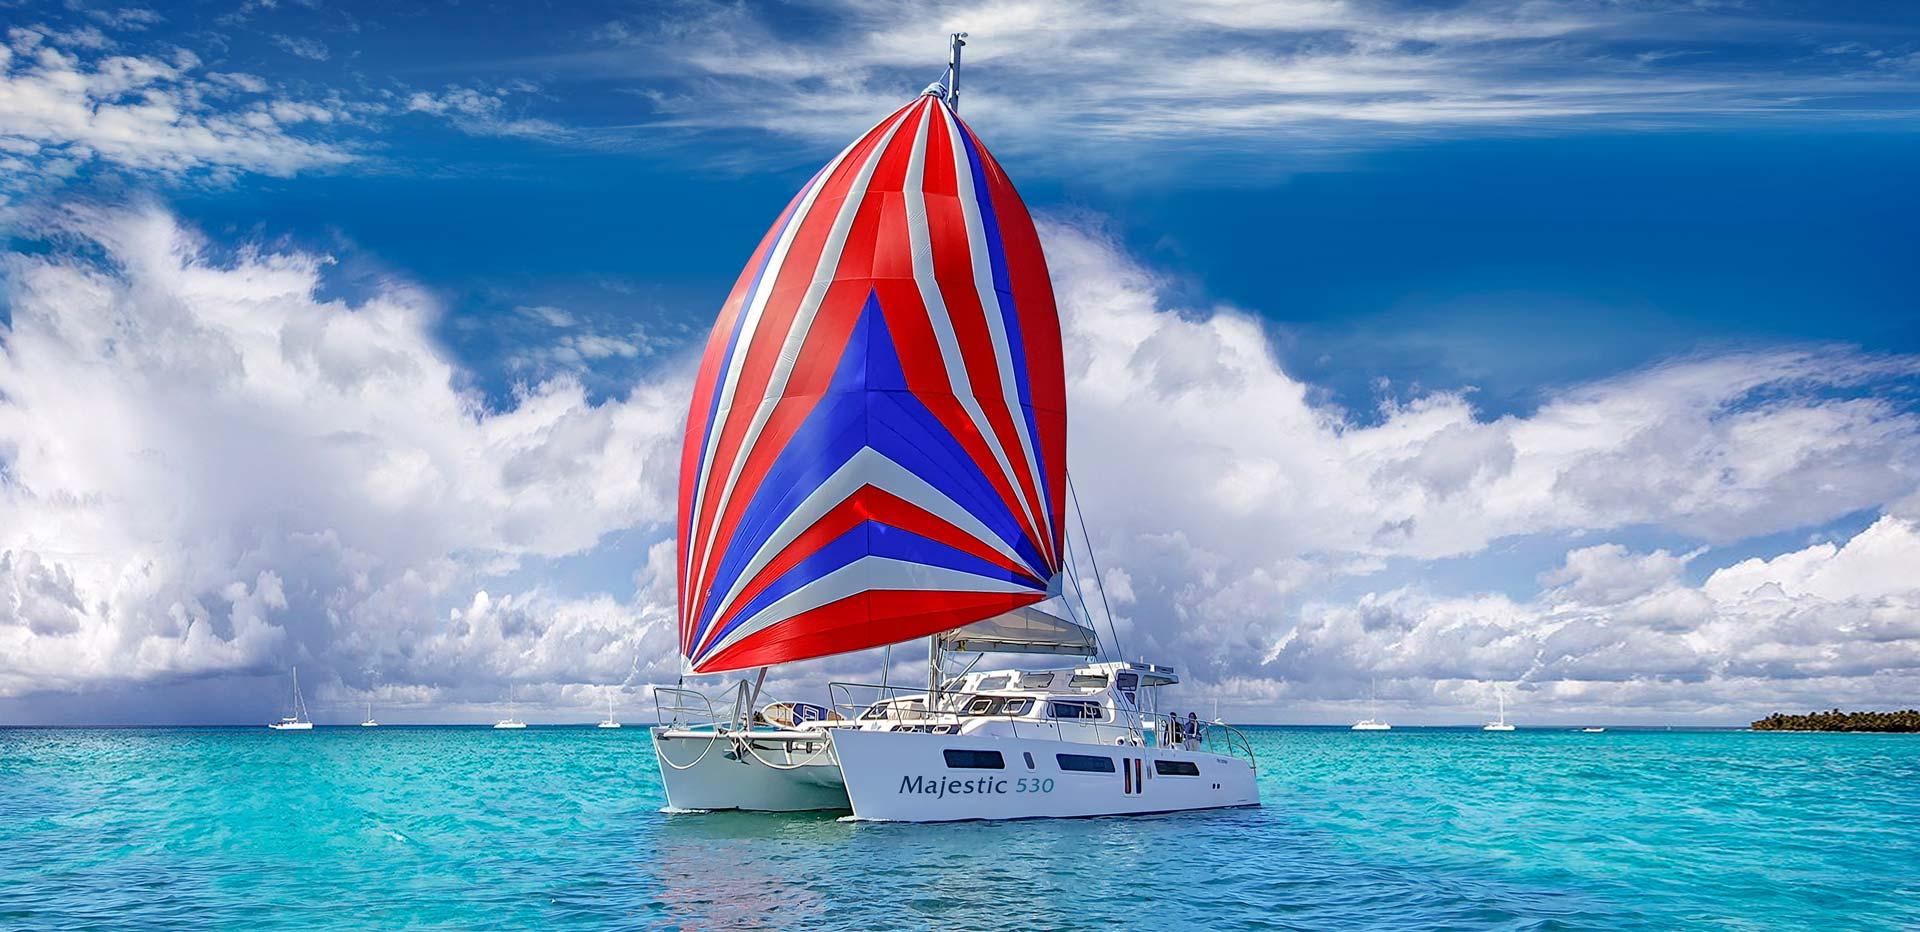 Royal Cape Catamarans, Sailing Catamaran, New Majestic 530 Yacht